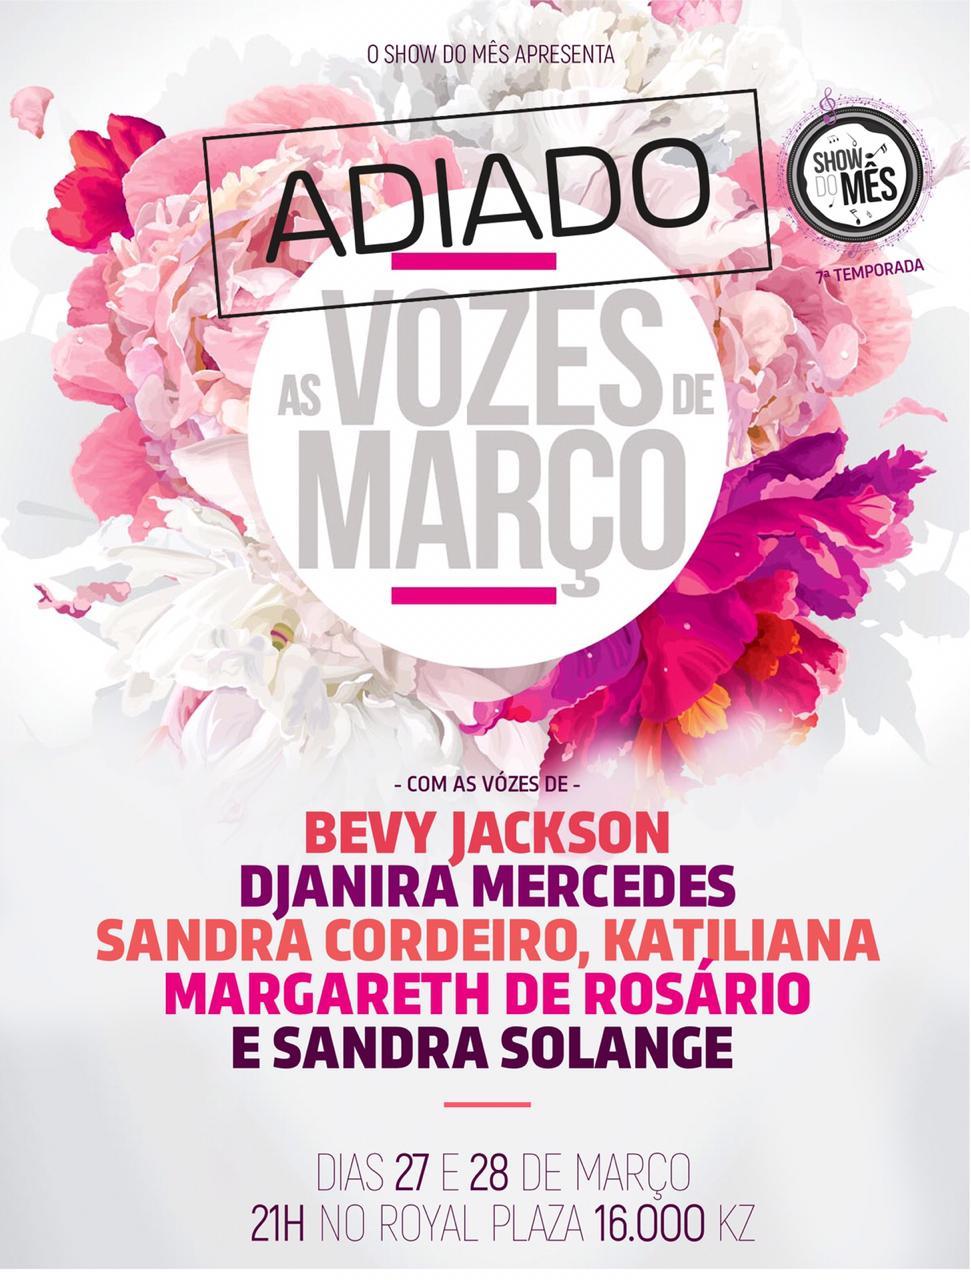 Show do Mês adia concerto 'Vozes de Março'